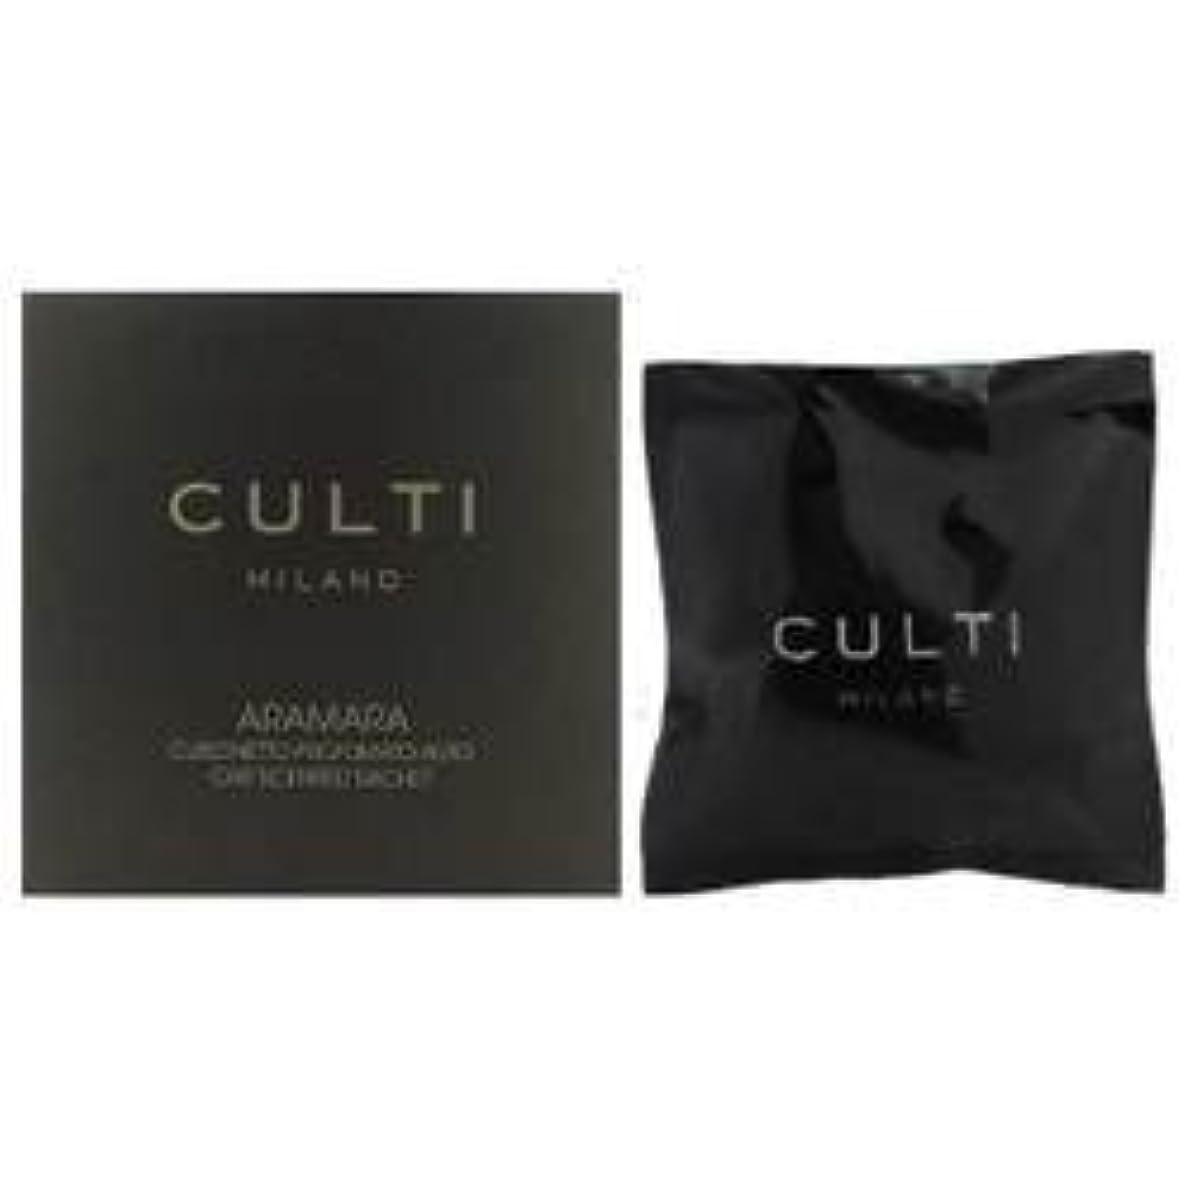 指標ハンカチ半球【CULTI】クルティ カーフレグランス ARAMARA 7×7cm [並行輸入品]